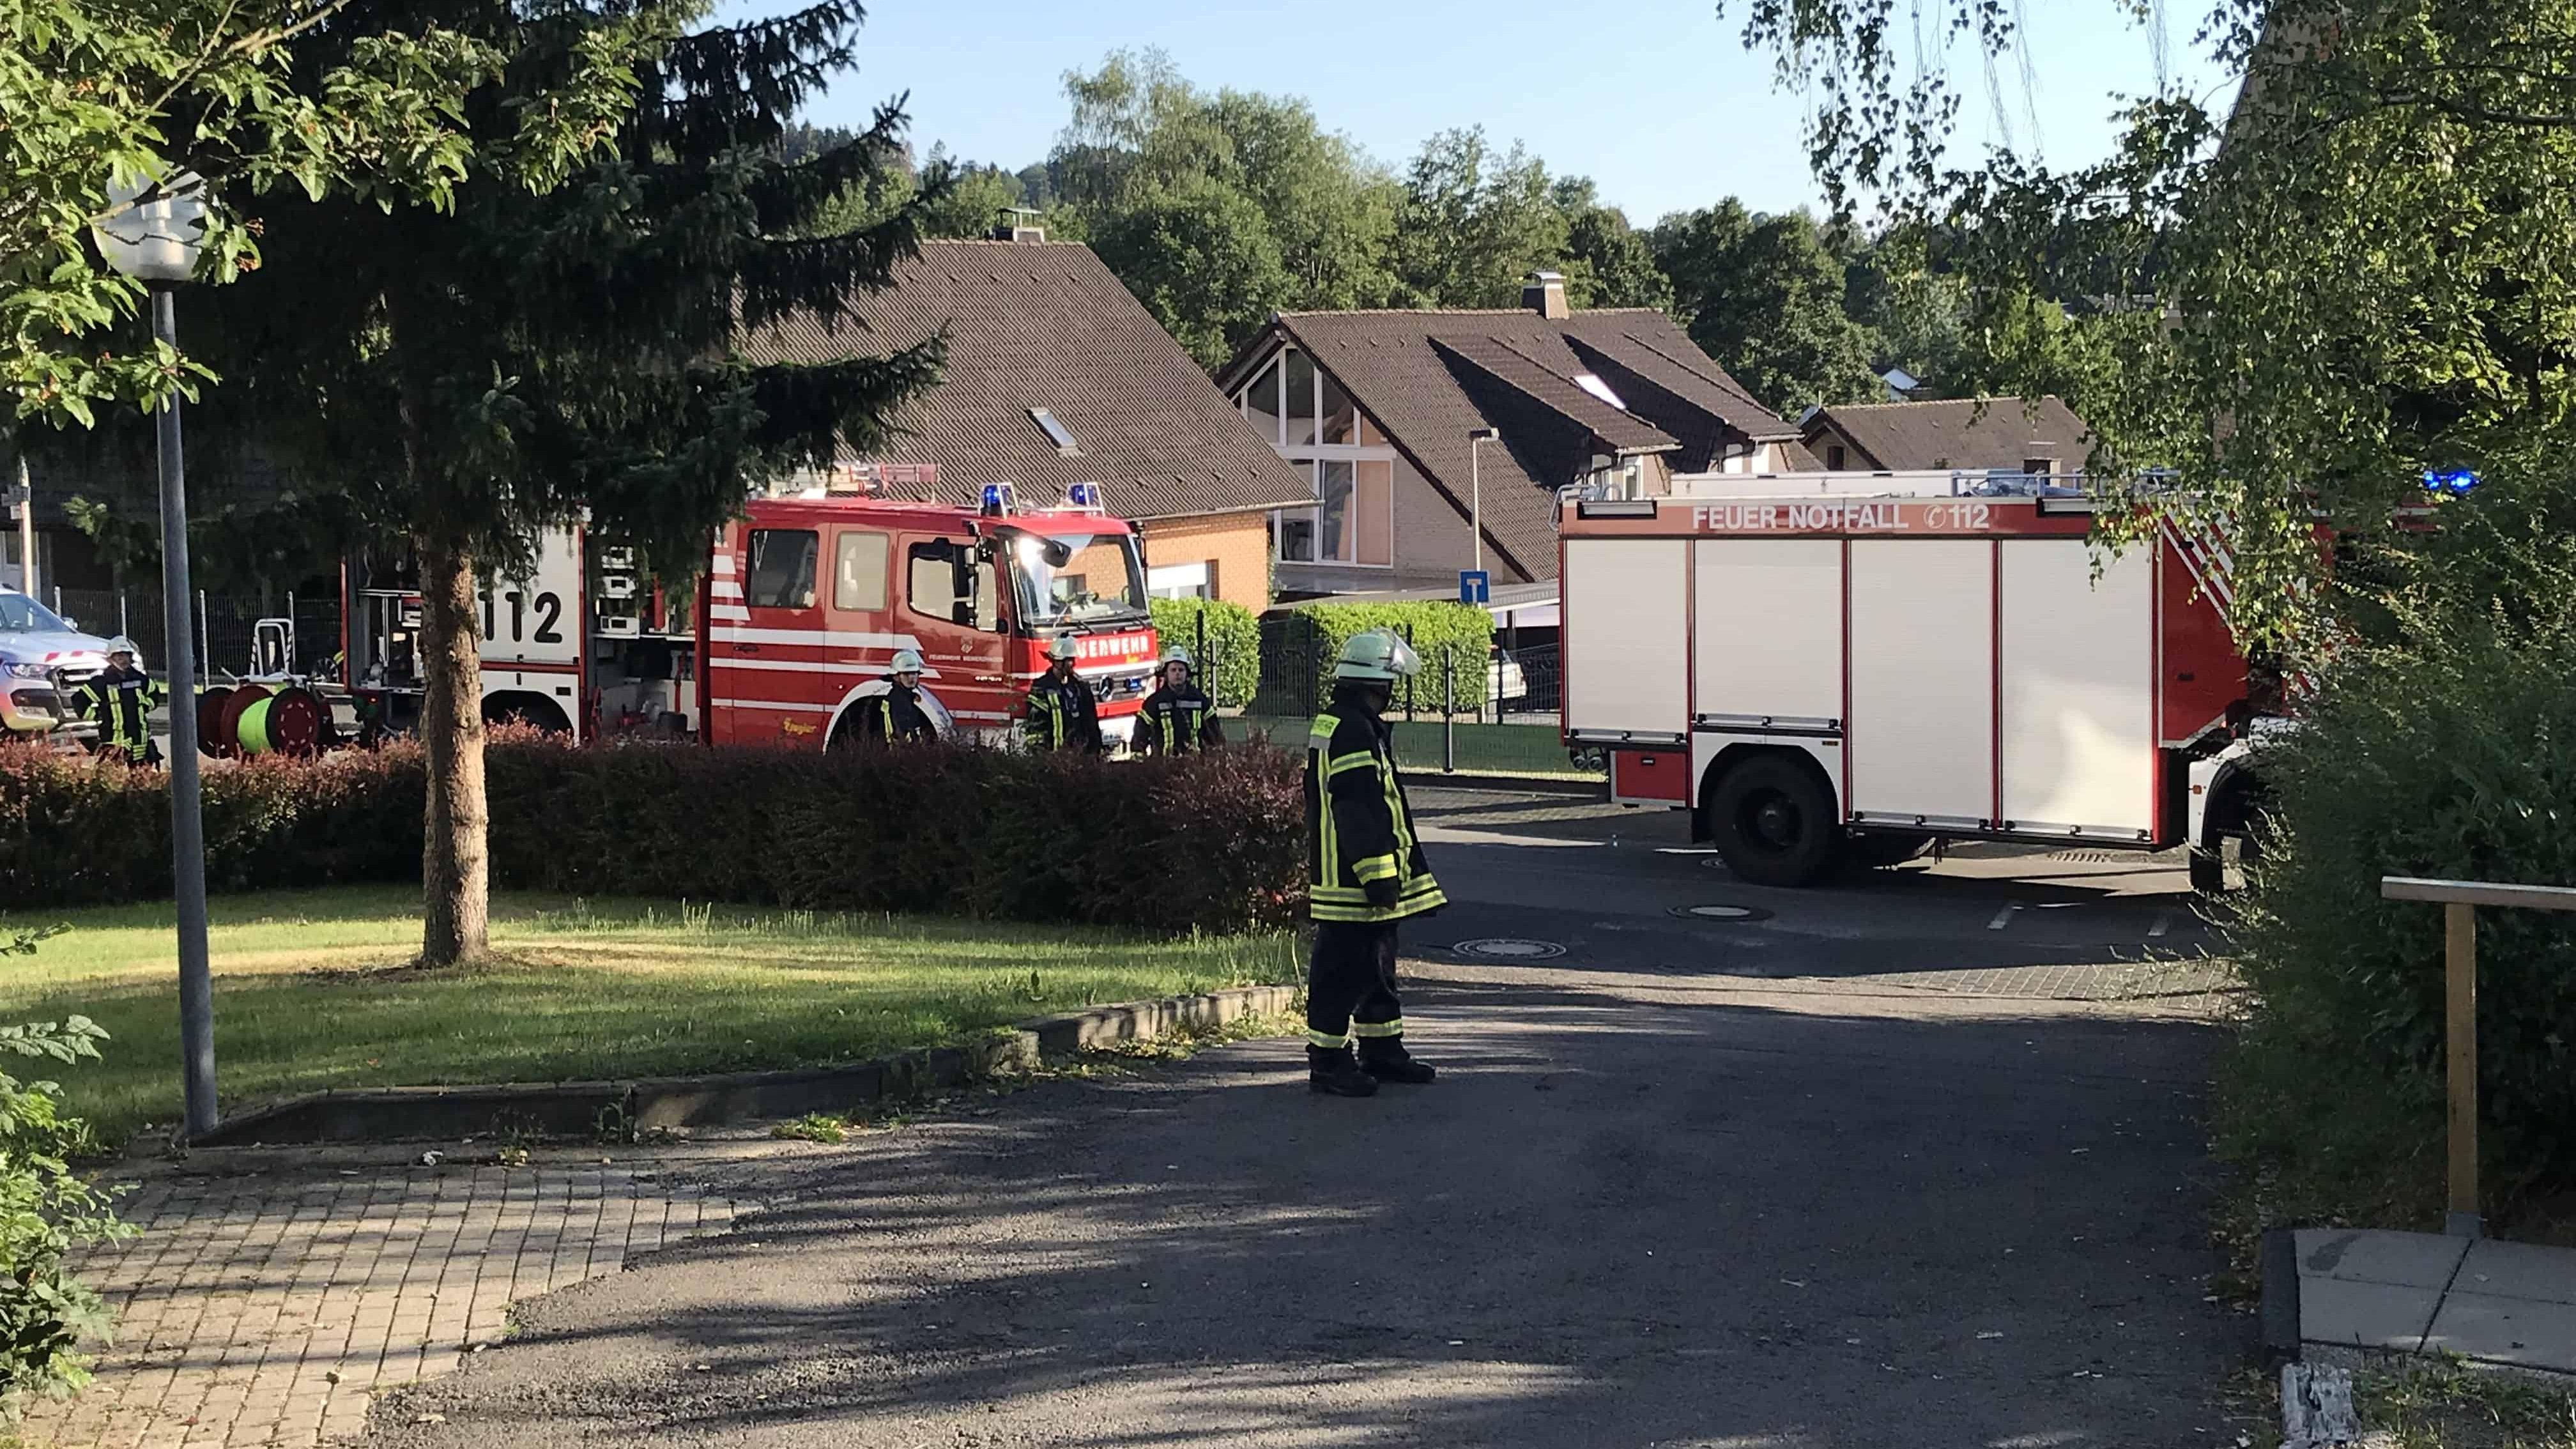 Vermeintlicher Gasgeruch ruft Feuerwehr auf den Plan